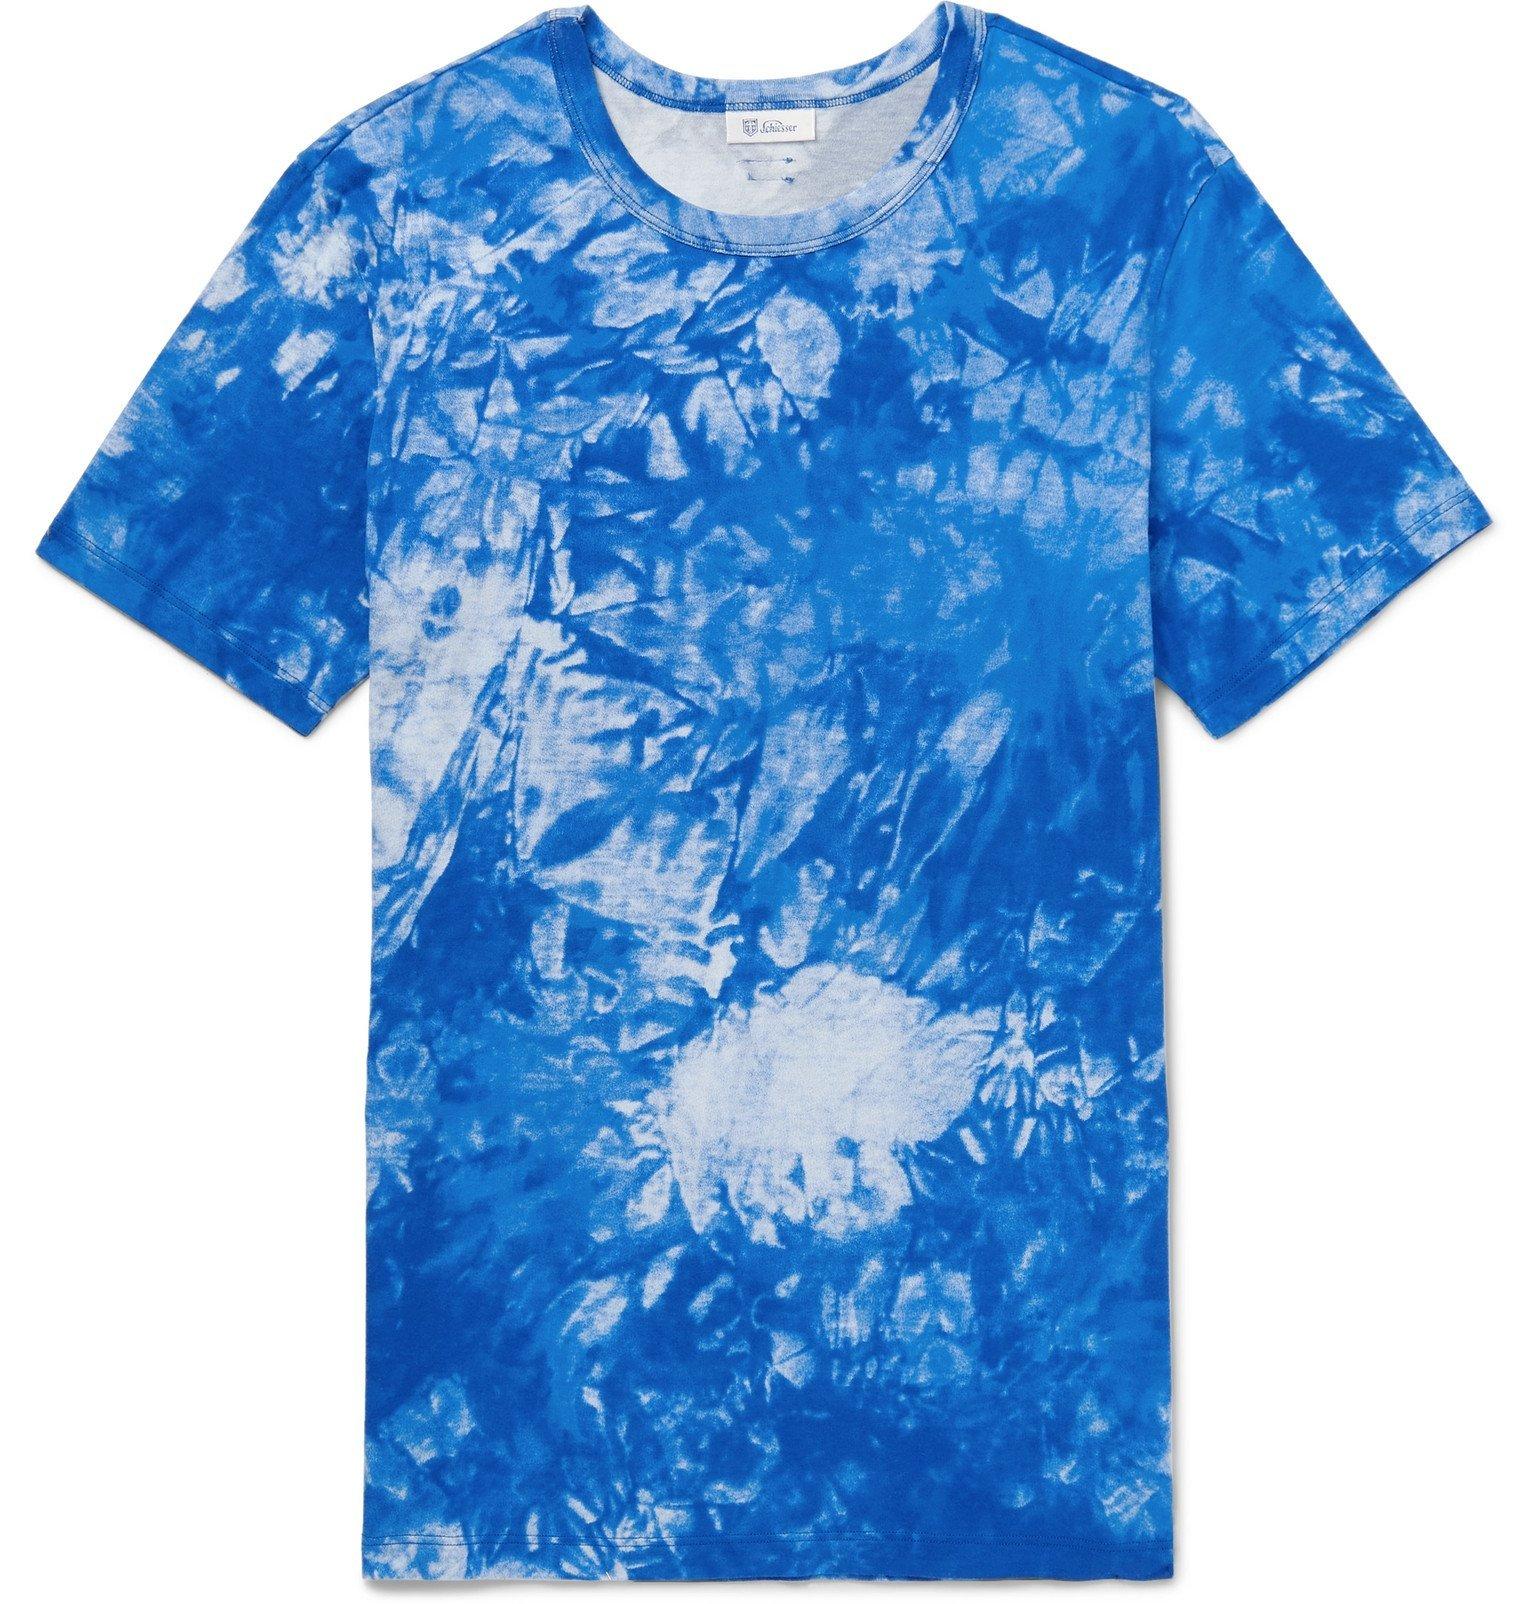 Schiesser - Georg Tie-Dyed Cotton-Jersey T-Shirt - Blue